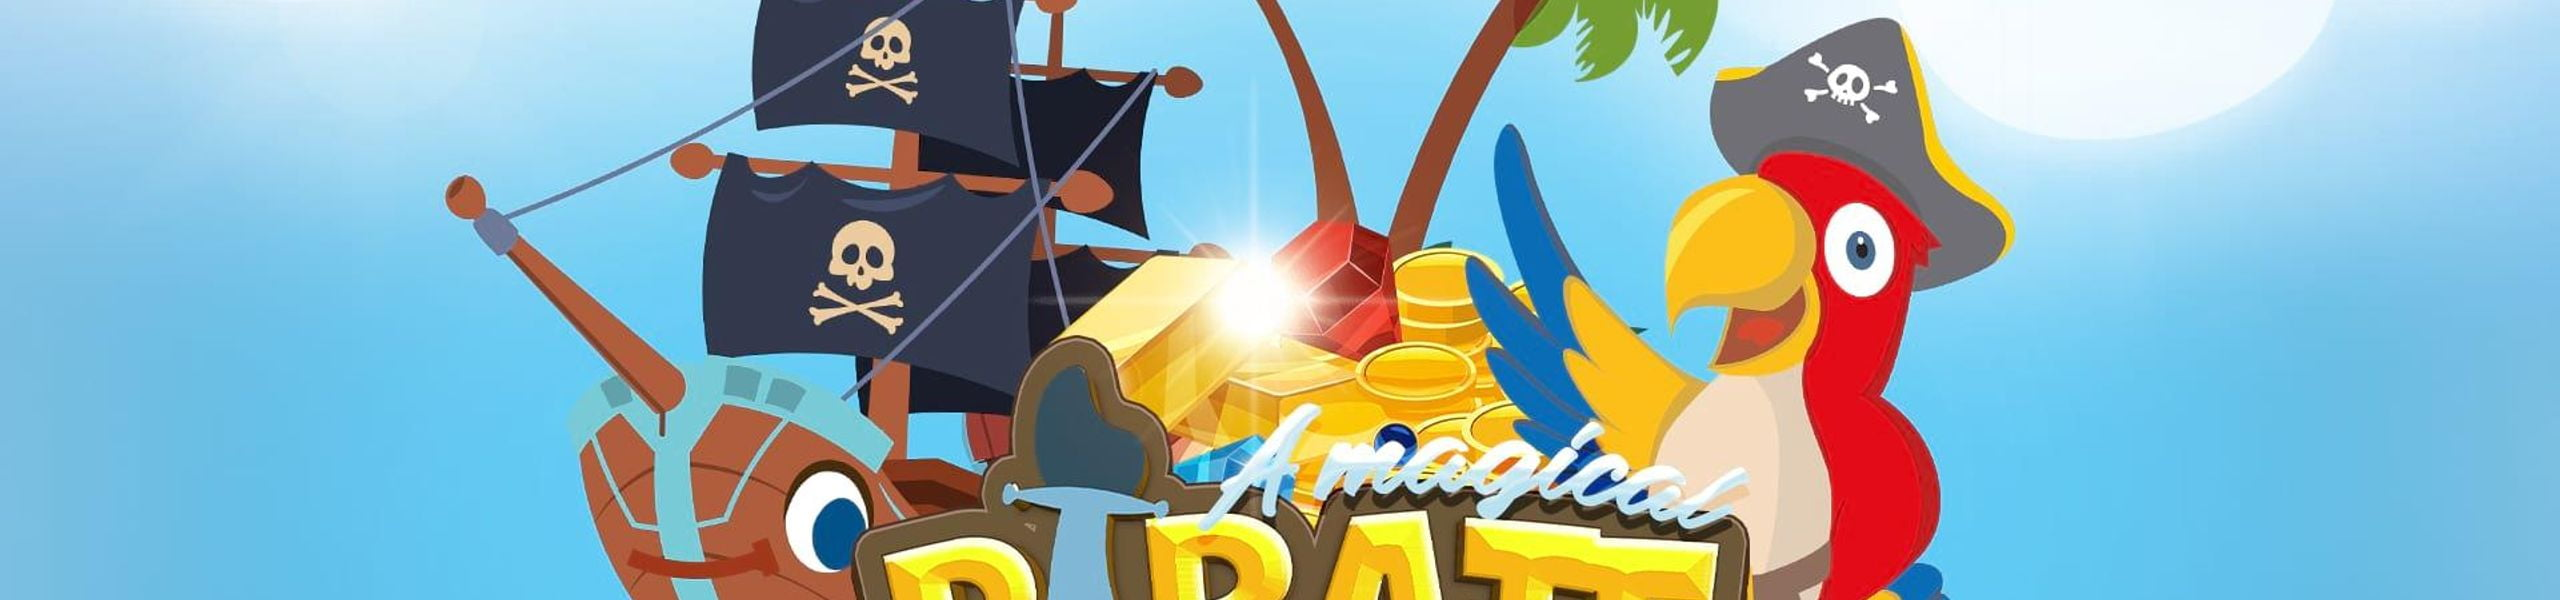 A Magical Pirate Adventure